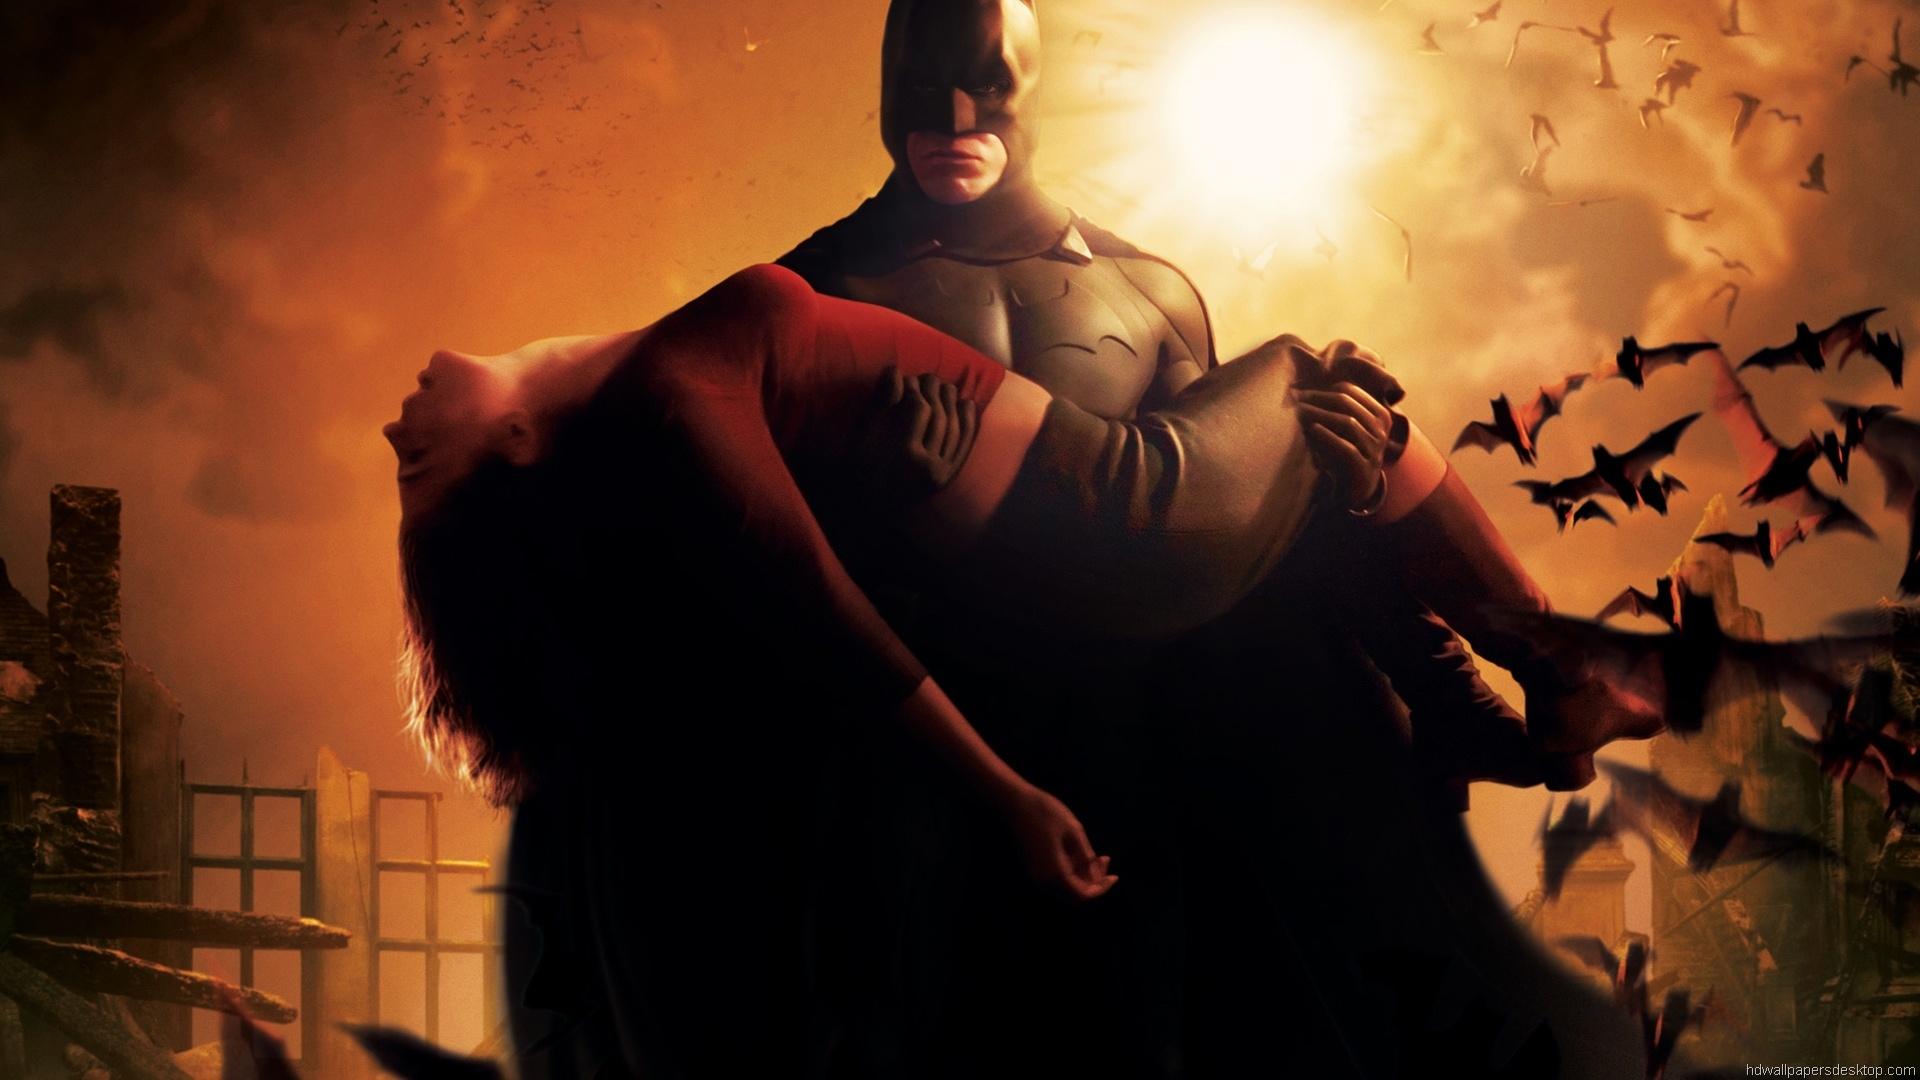 difficult dec batman begins - HD1920×1080